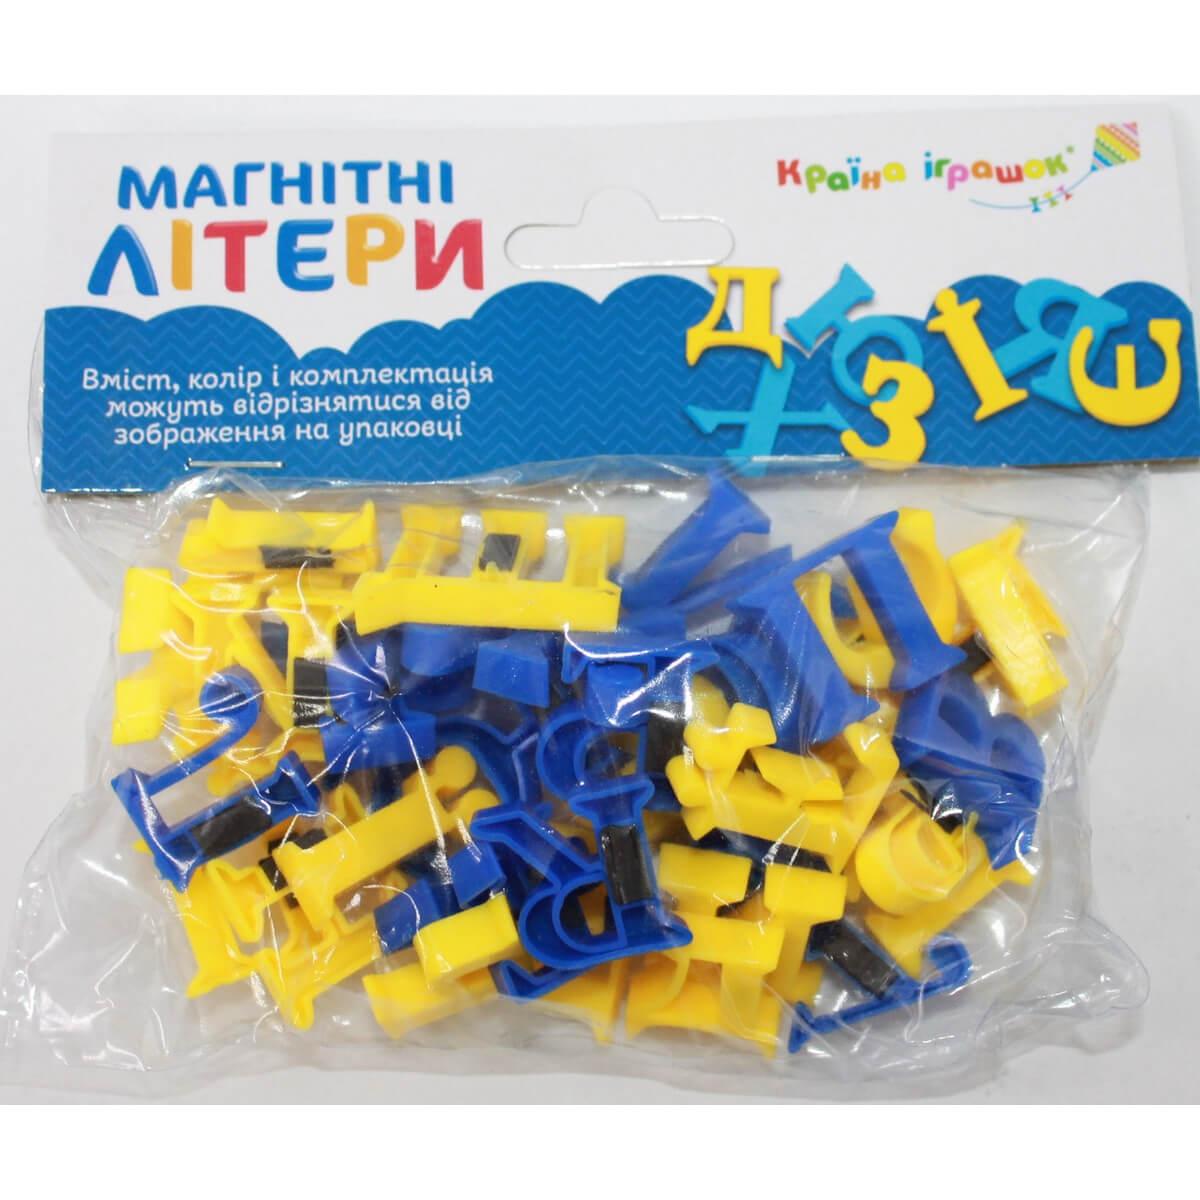 Буквы магнитные «Украинский алфавит» KI-7000 купить в ...